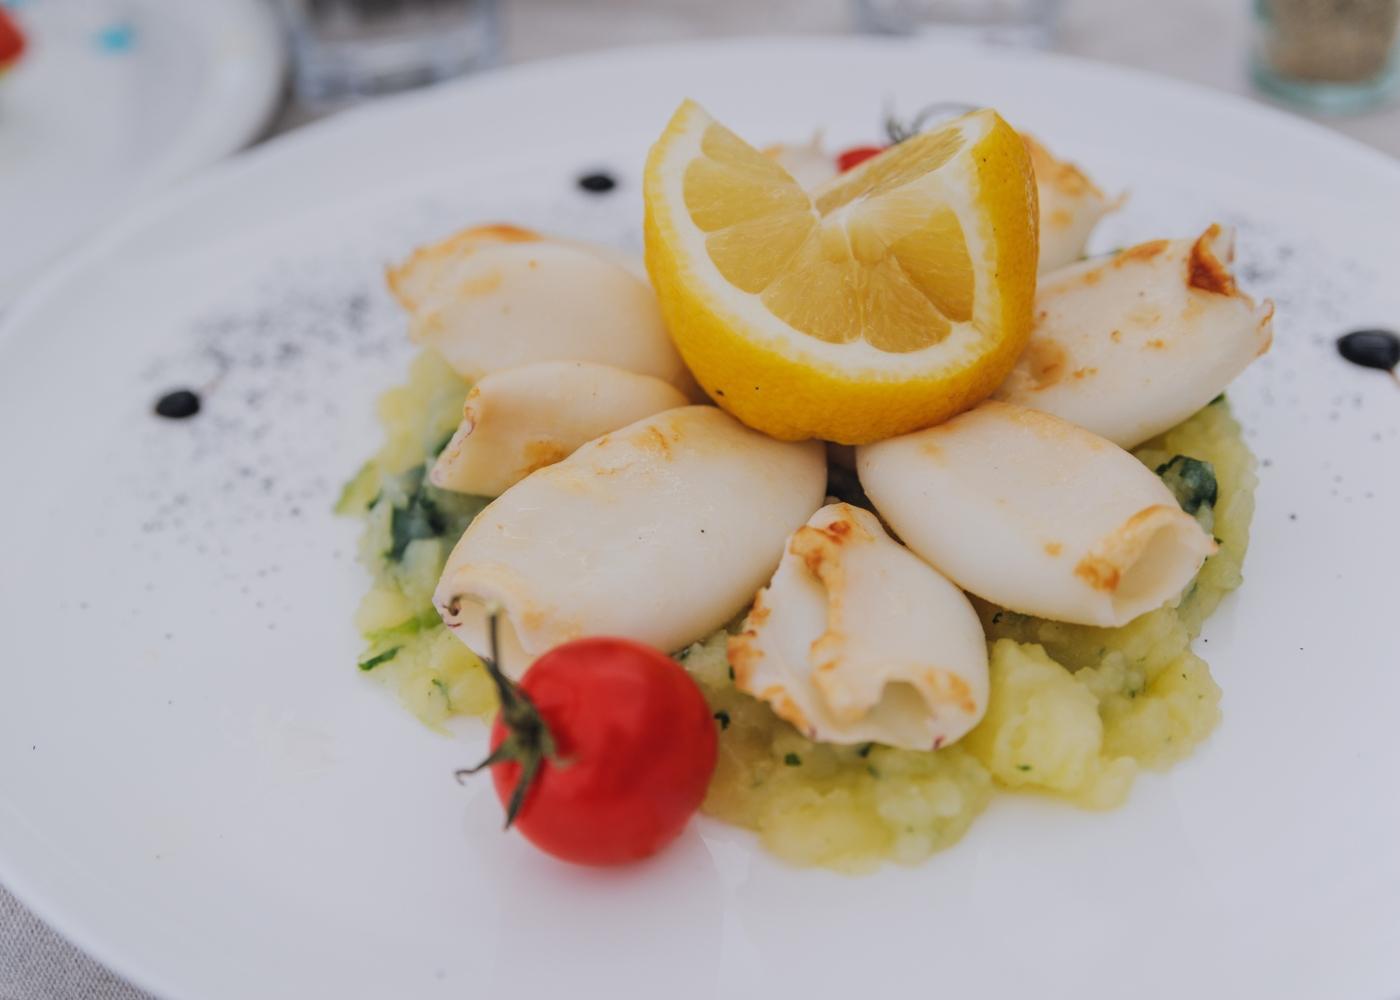 prato com lulas recheadas e limão